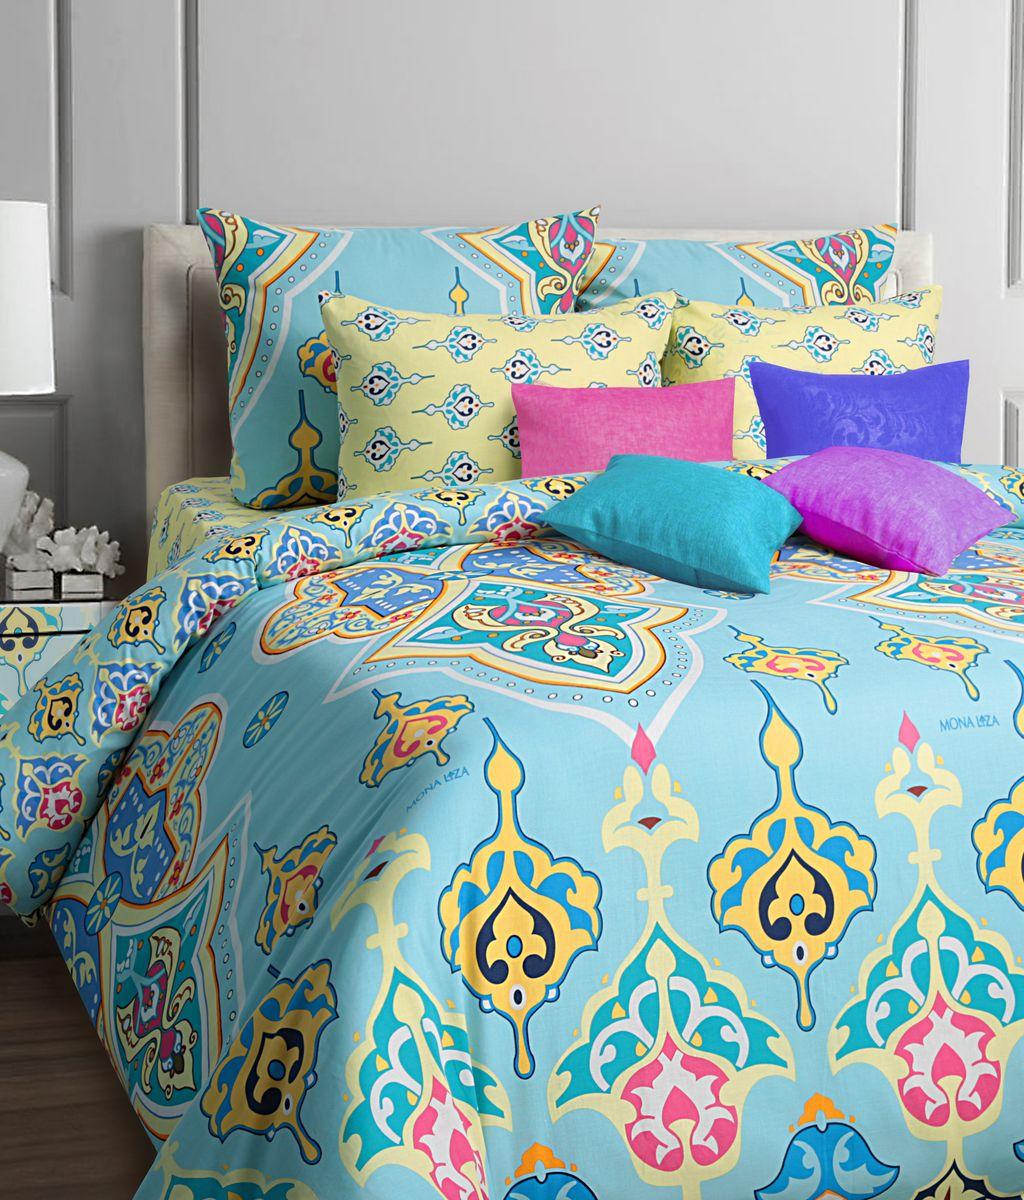 Комплект белья Mona Liza Arabic, 1,5-спальное, наволочки 70x70, цвет: голубой551114/34Коллекция постельного белья MONA LIZA Classic поражает многообразием дизайнов. Среди них легко подобрать необходимый рисунок, который создаст в доме уют. Комплекты выполнены из бязи 100 % хлопка.